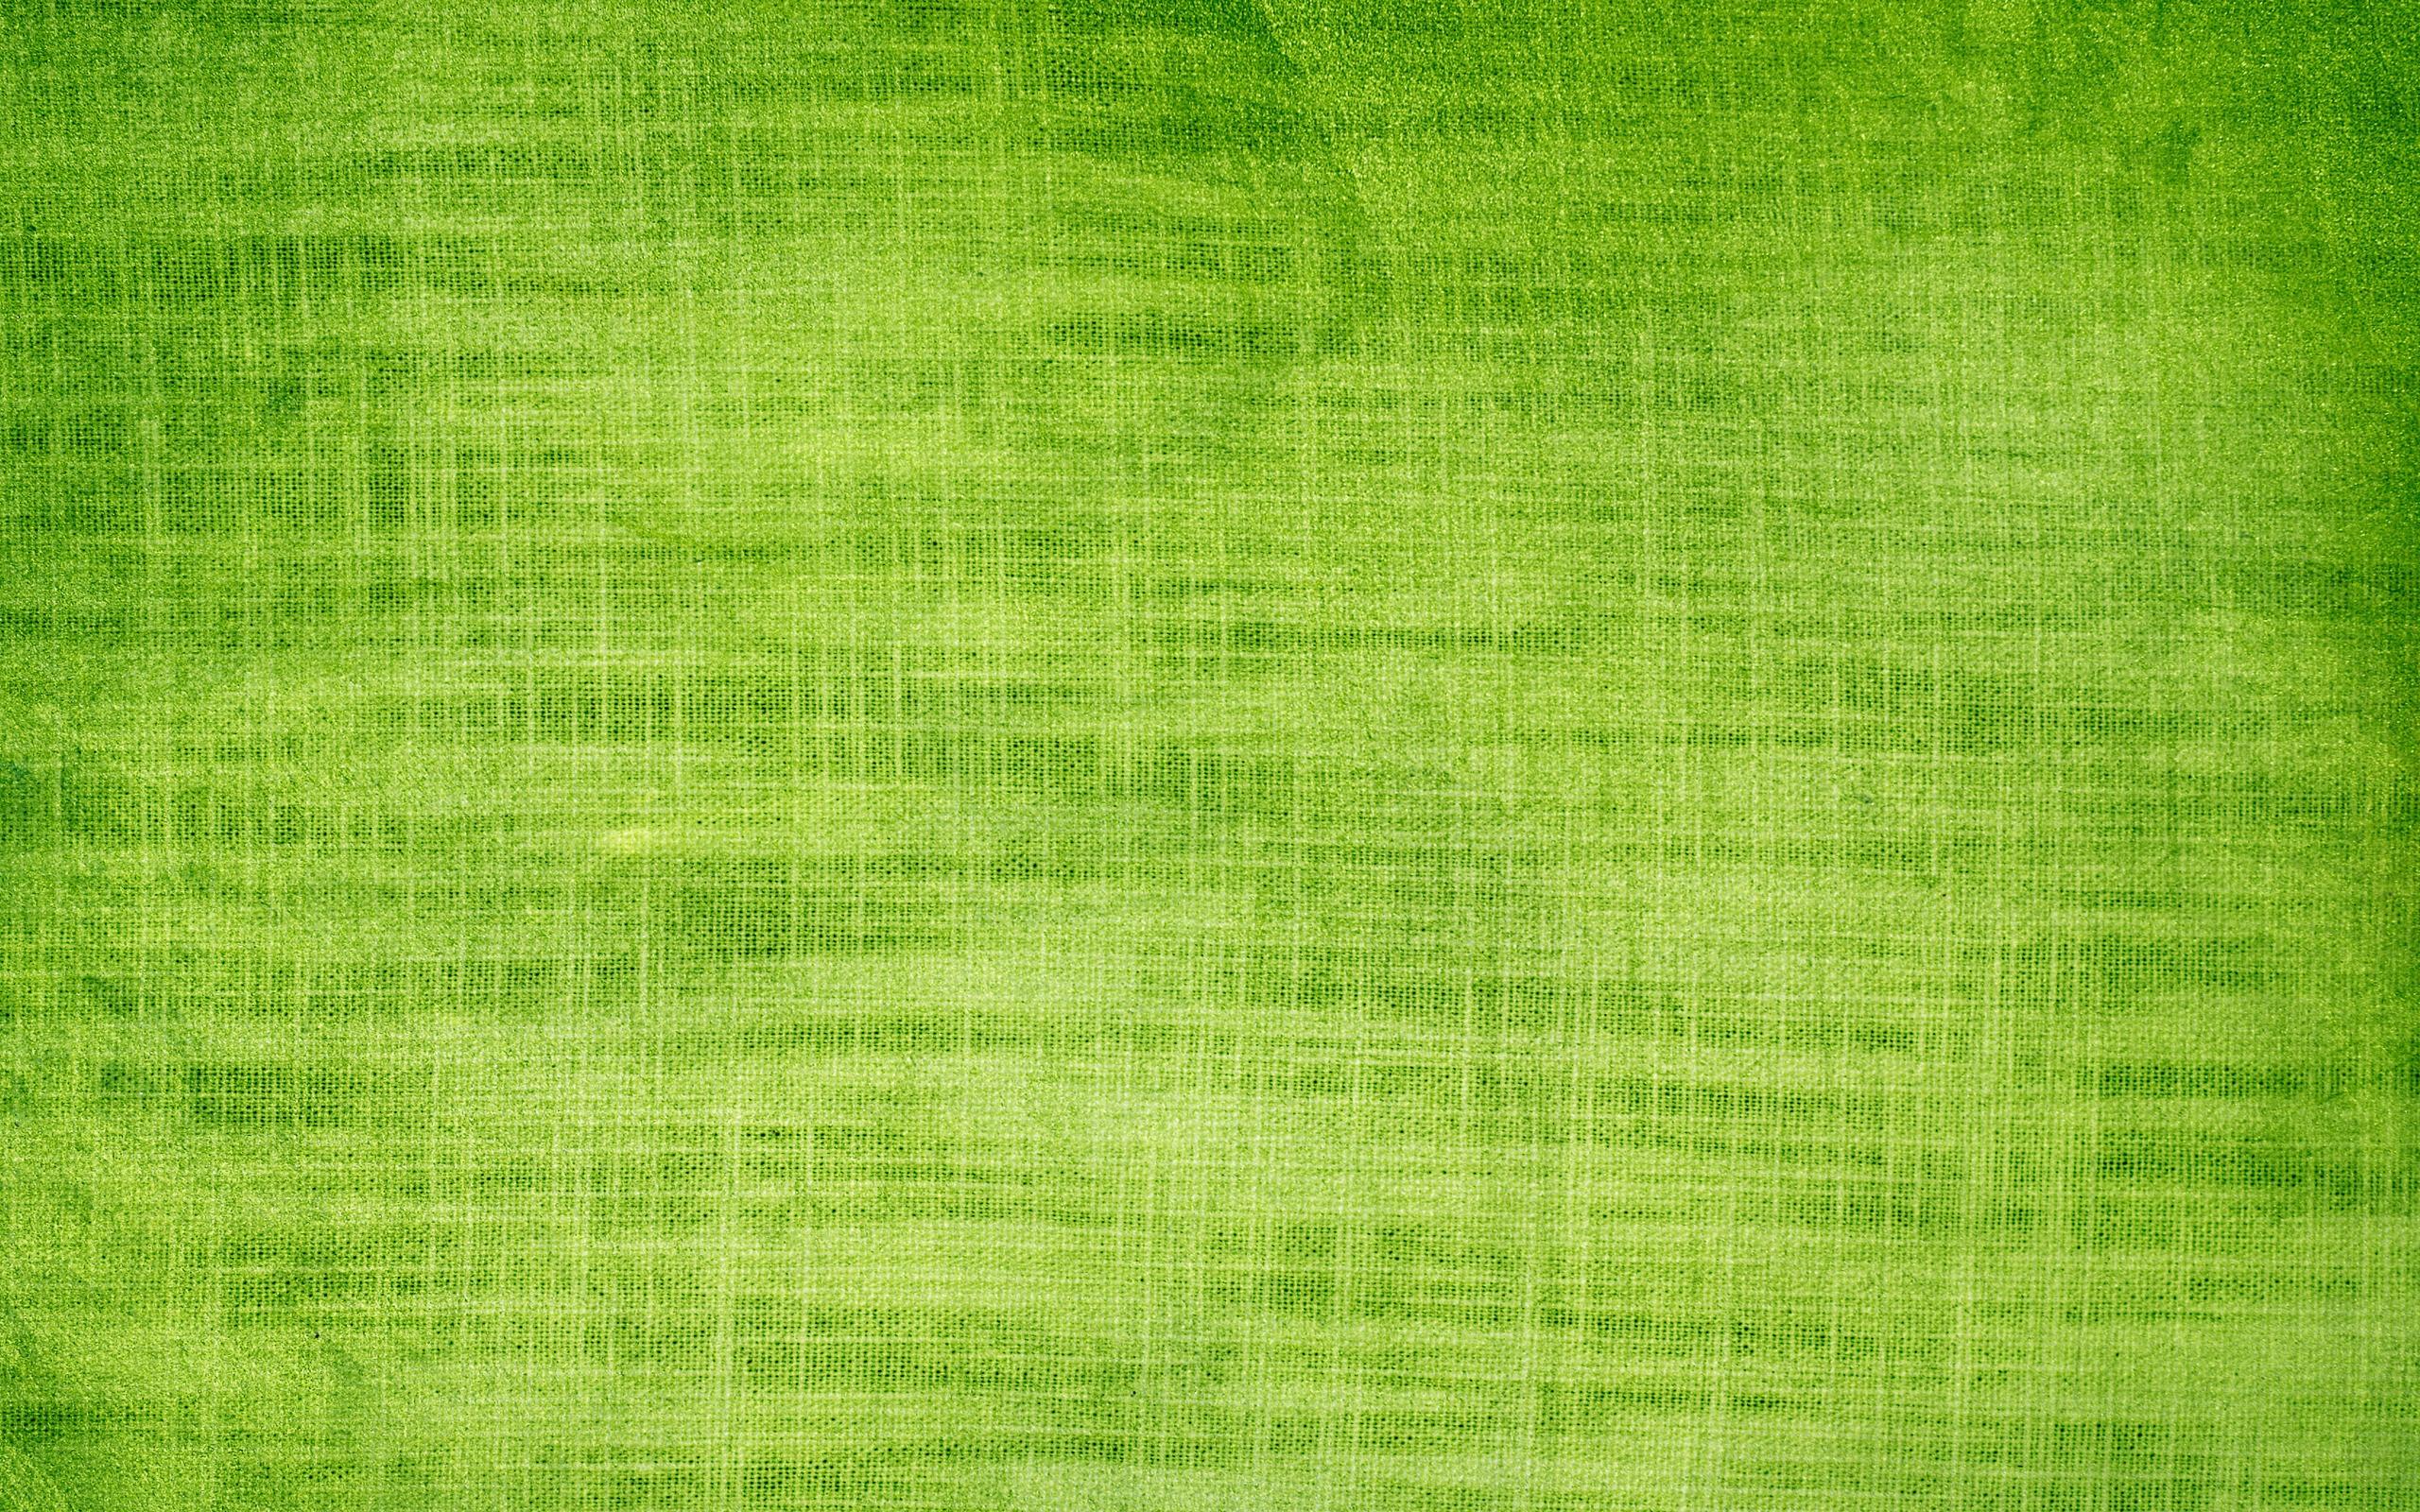 Textura de tela verde - 2560x1600